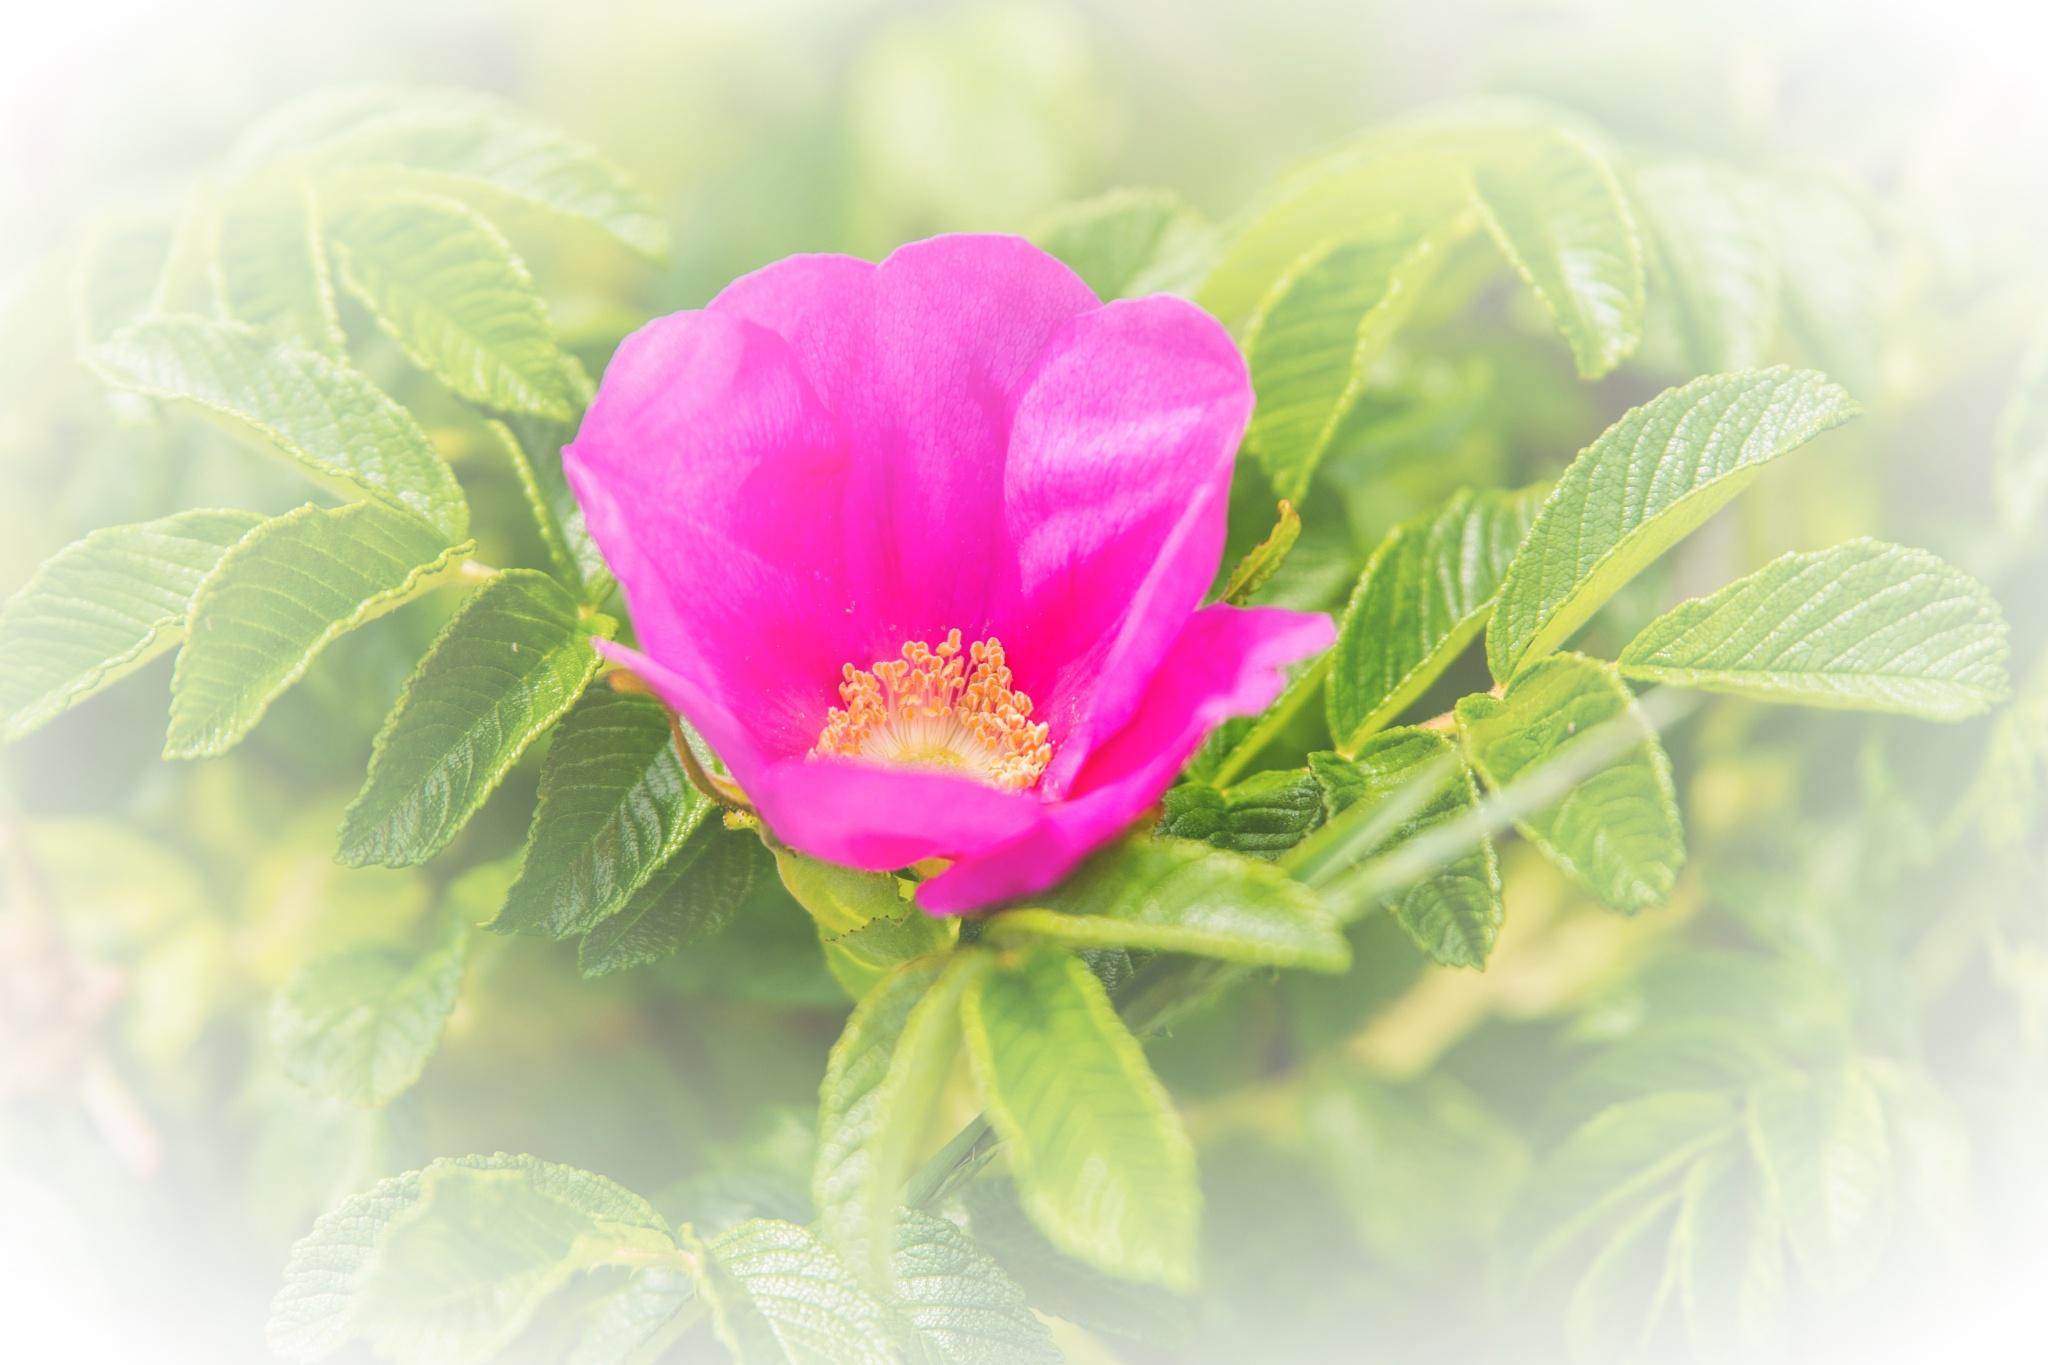 Rose by Wayne L. Talbot